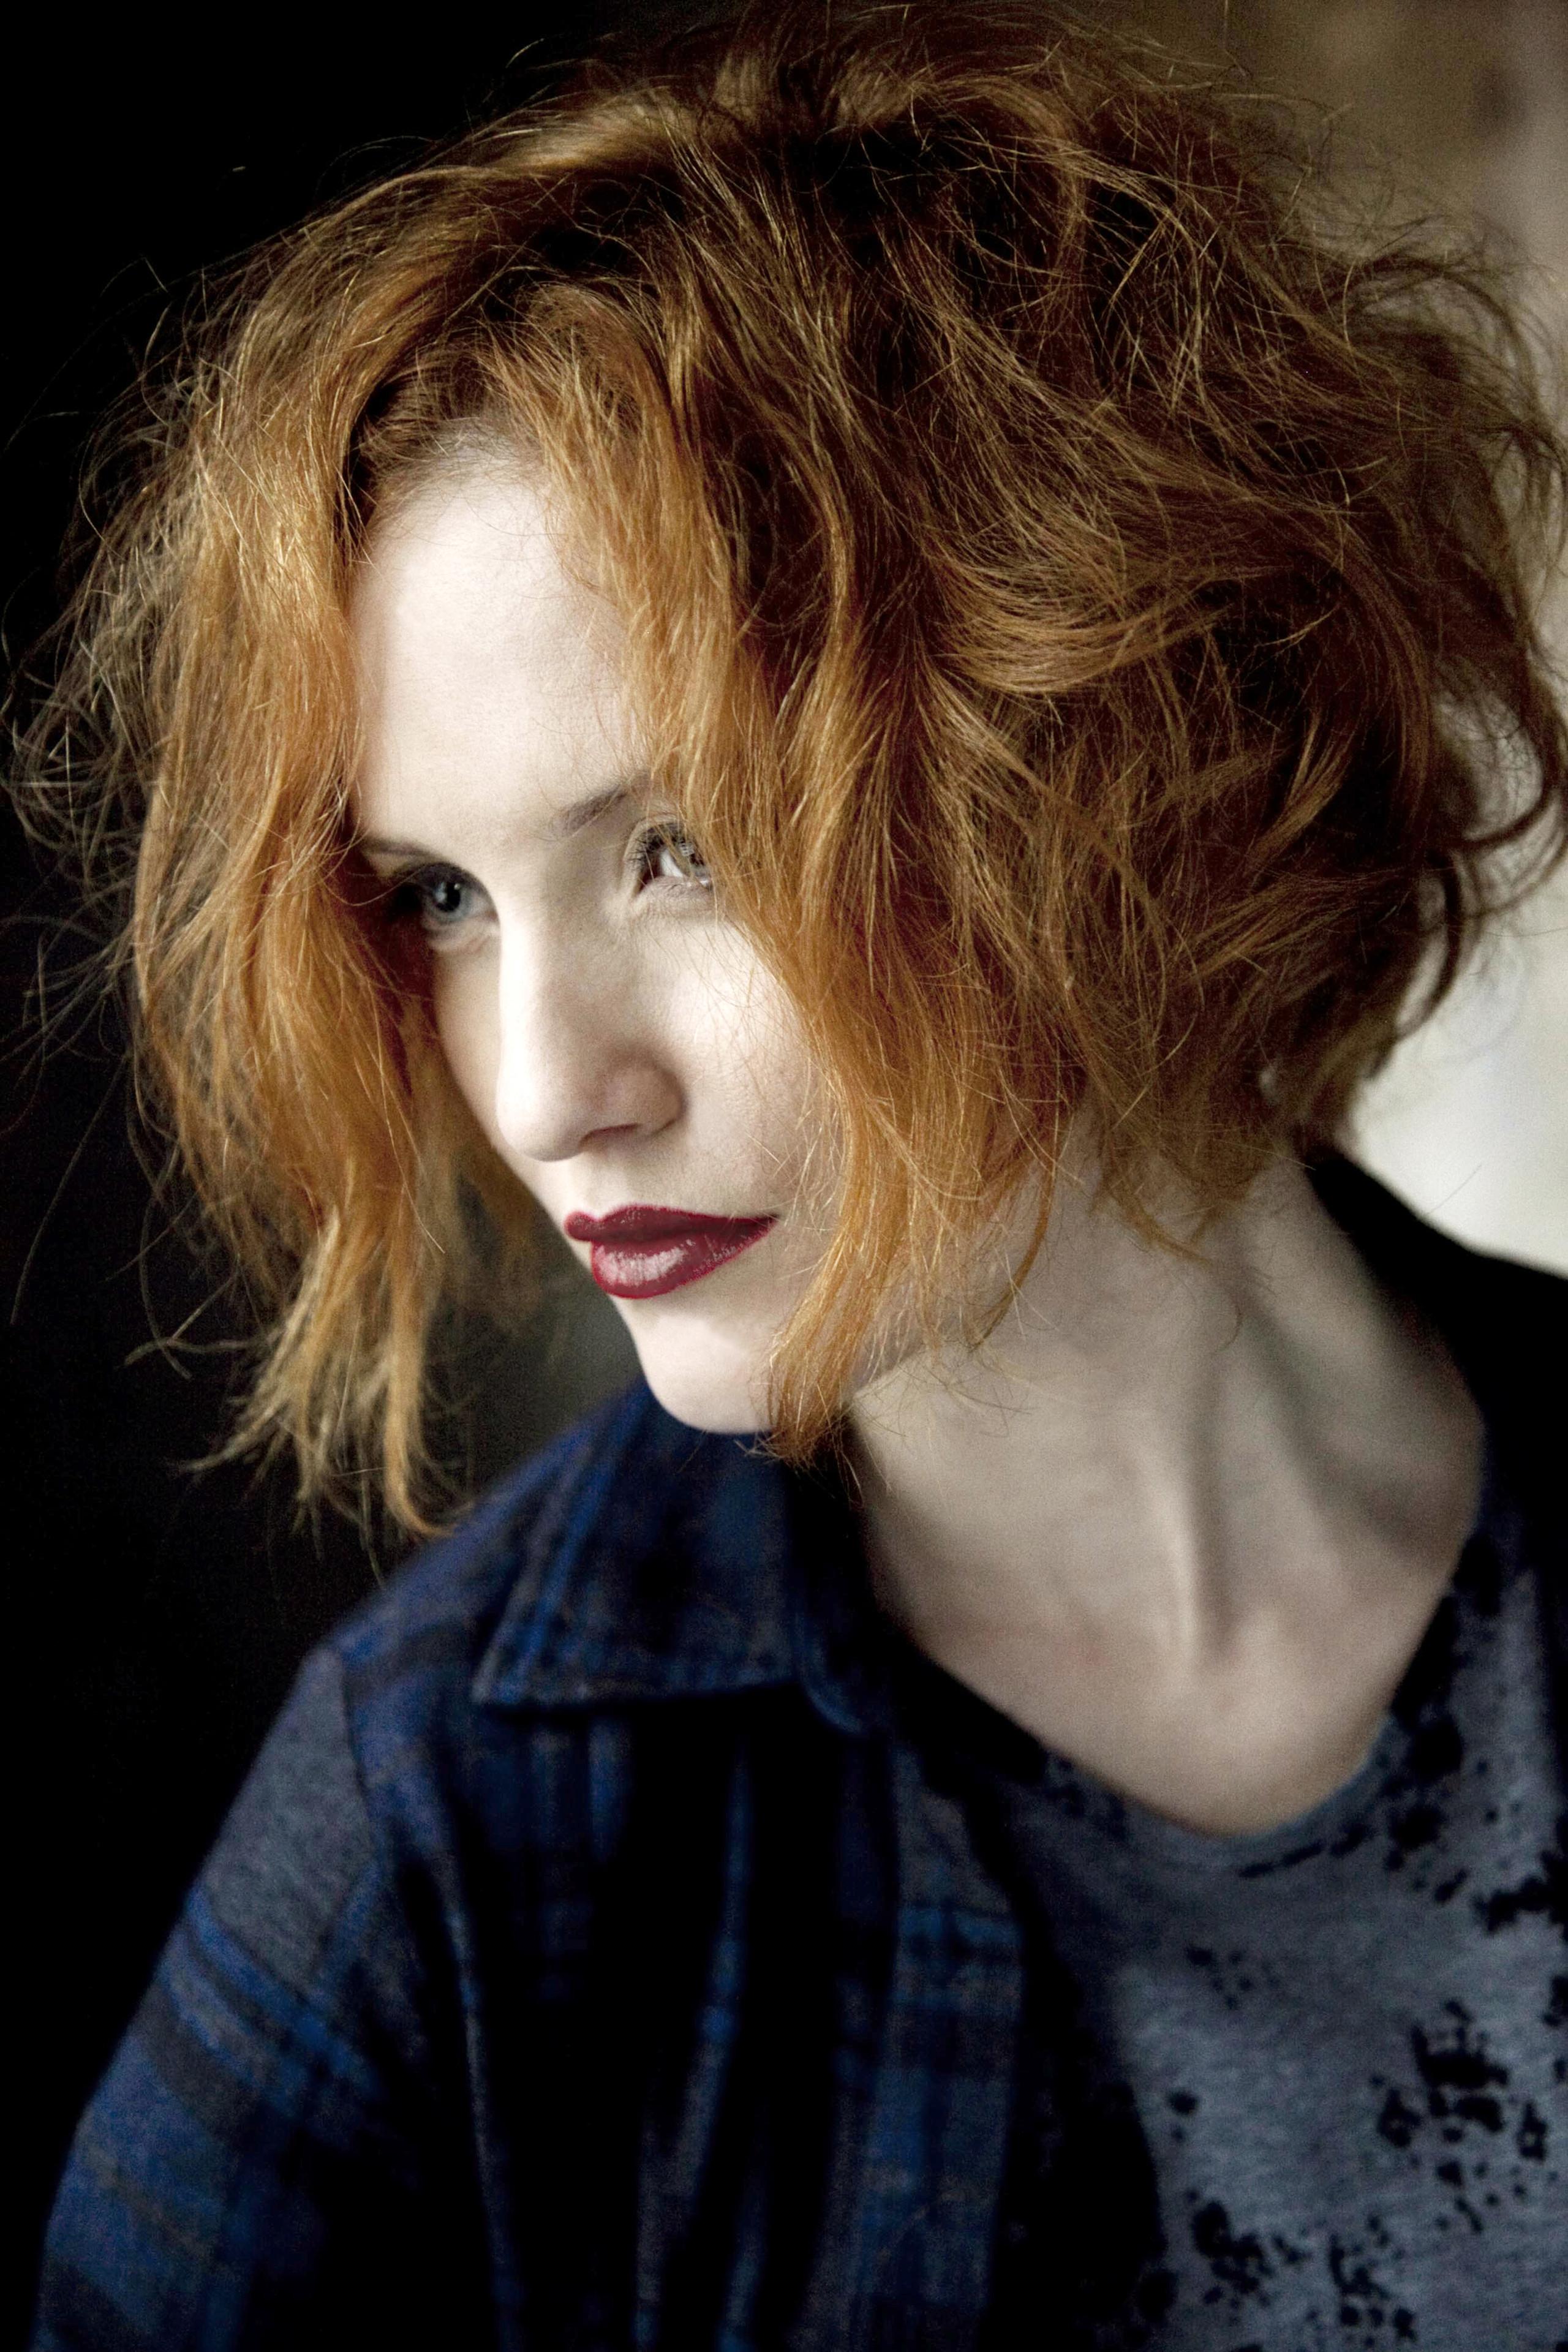 Foto de 11 propuestas muy primaverales (e ideales) para el cabello del estilista Rossano Ferretti, el nuevo embajador global de Coty (3/11)